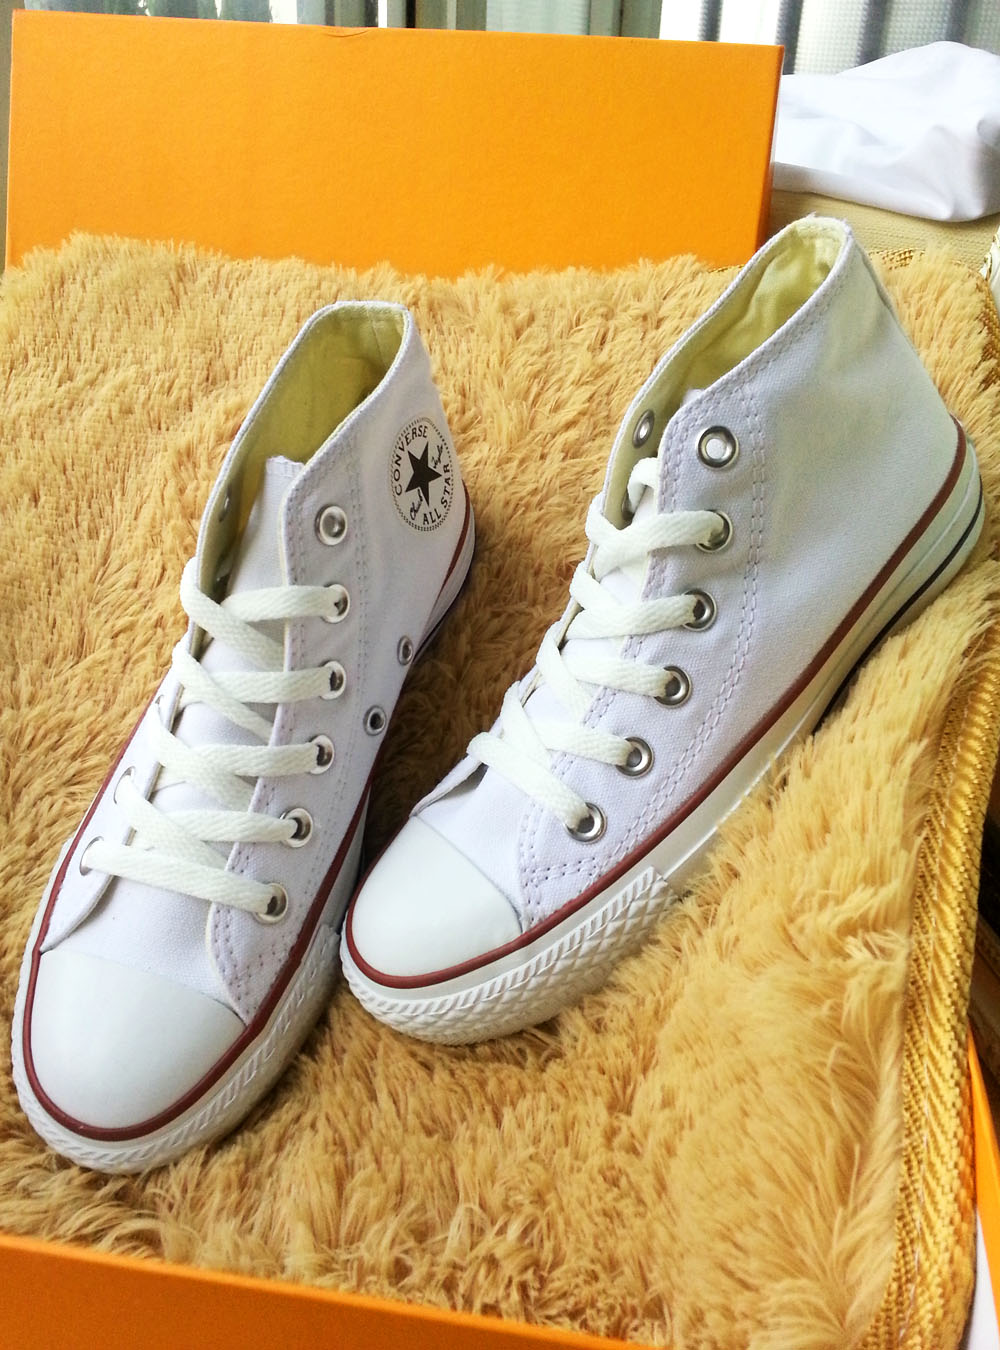 新款 专柜正品匡威 帆布鞋经典款中帮白色 休闲鞋 运动鞋情侣鞋图片